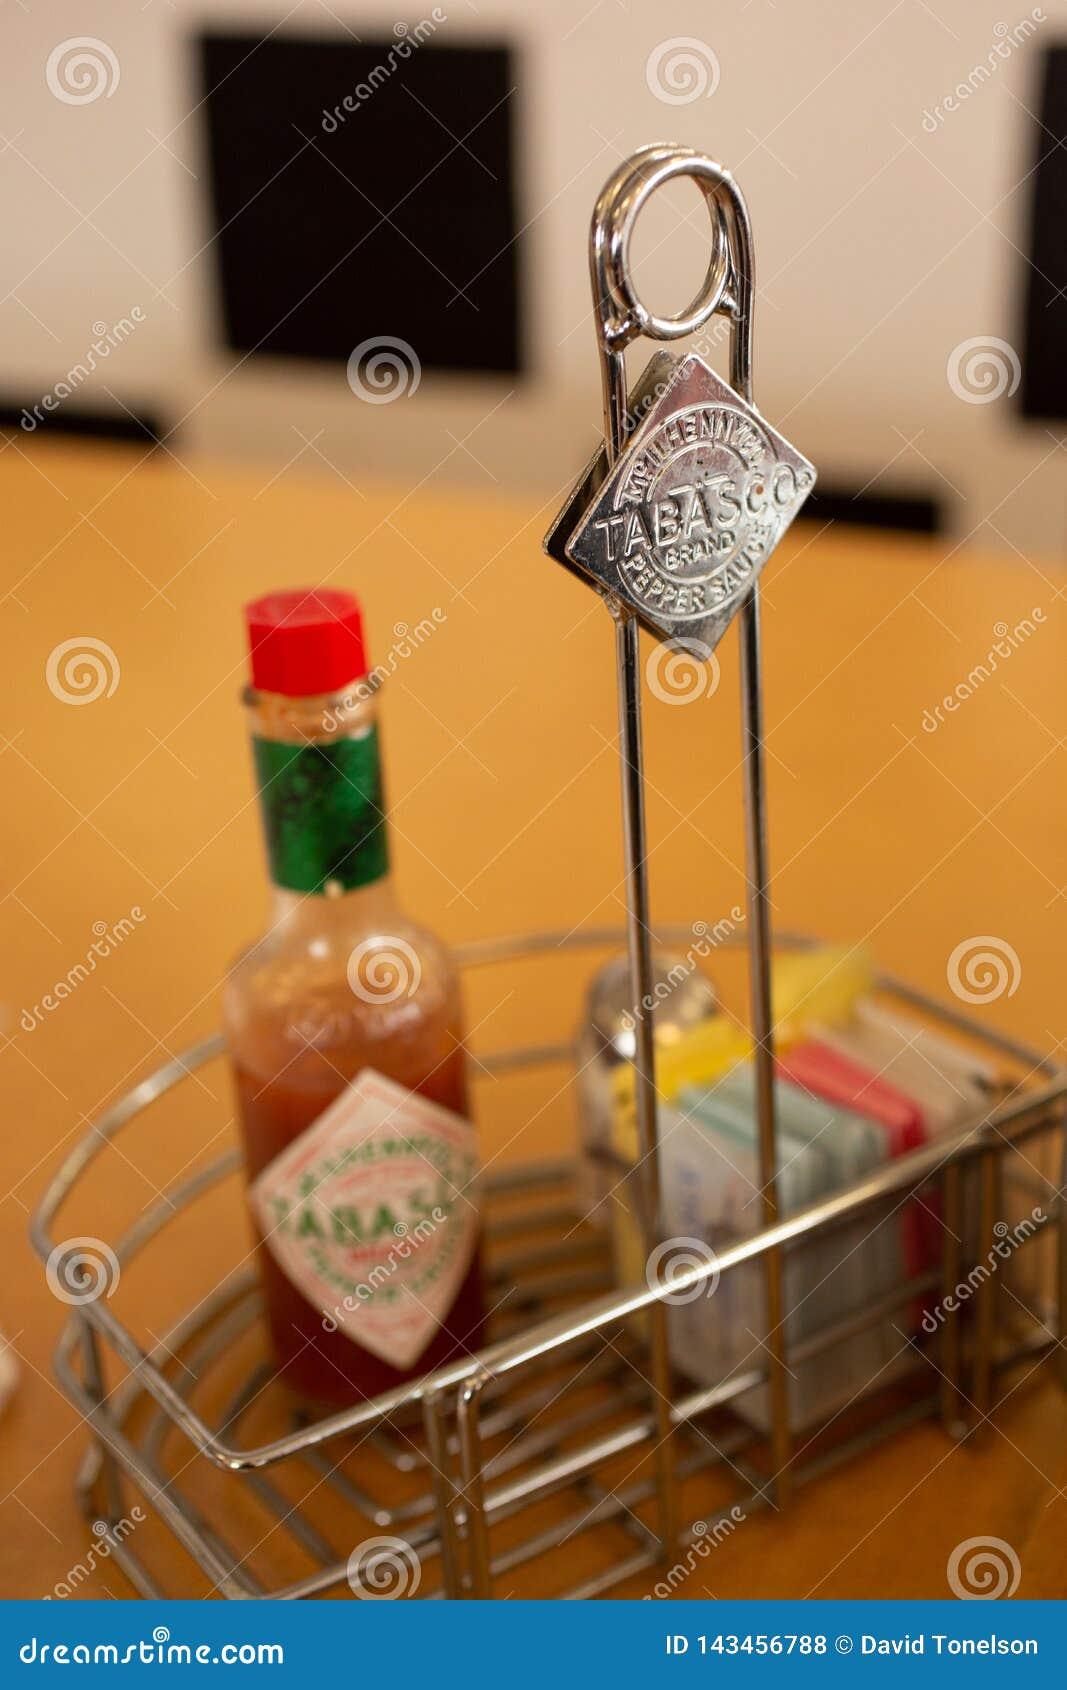 Tabascosausmerken op een restaurantlijst